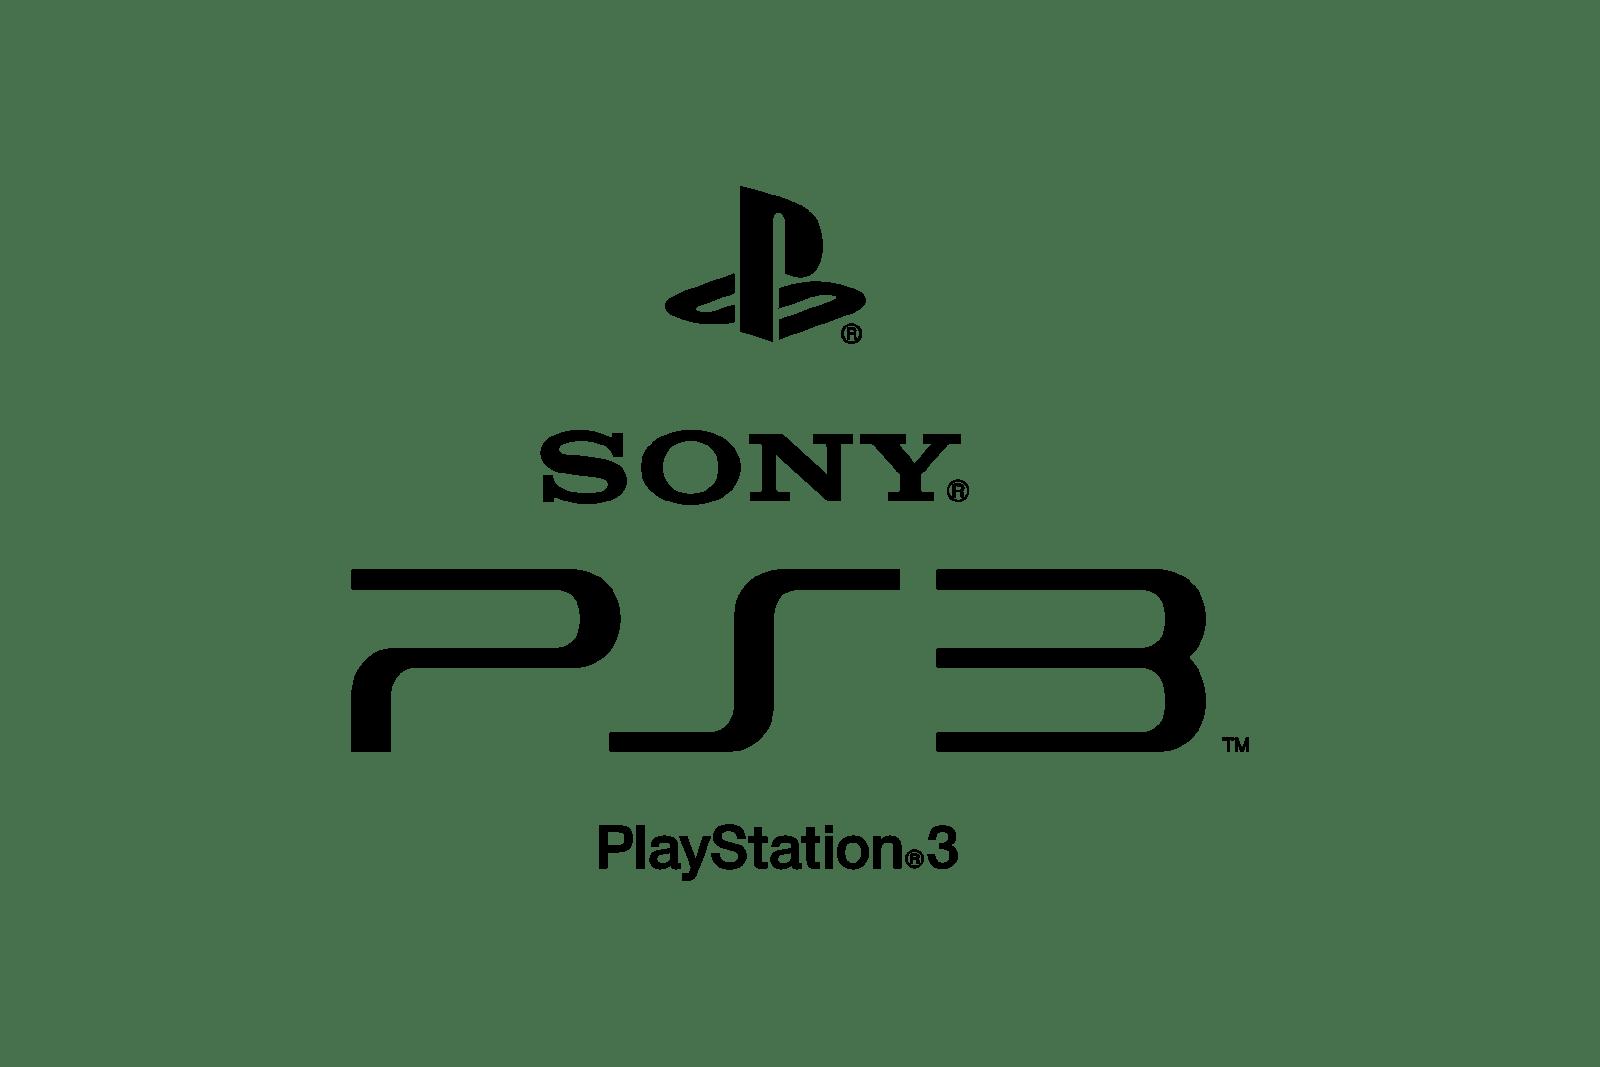 Sony ps3 Logos